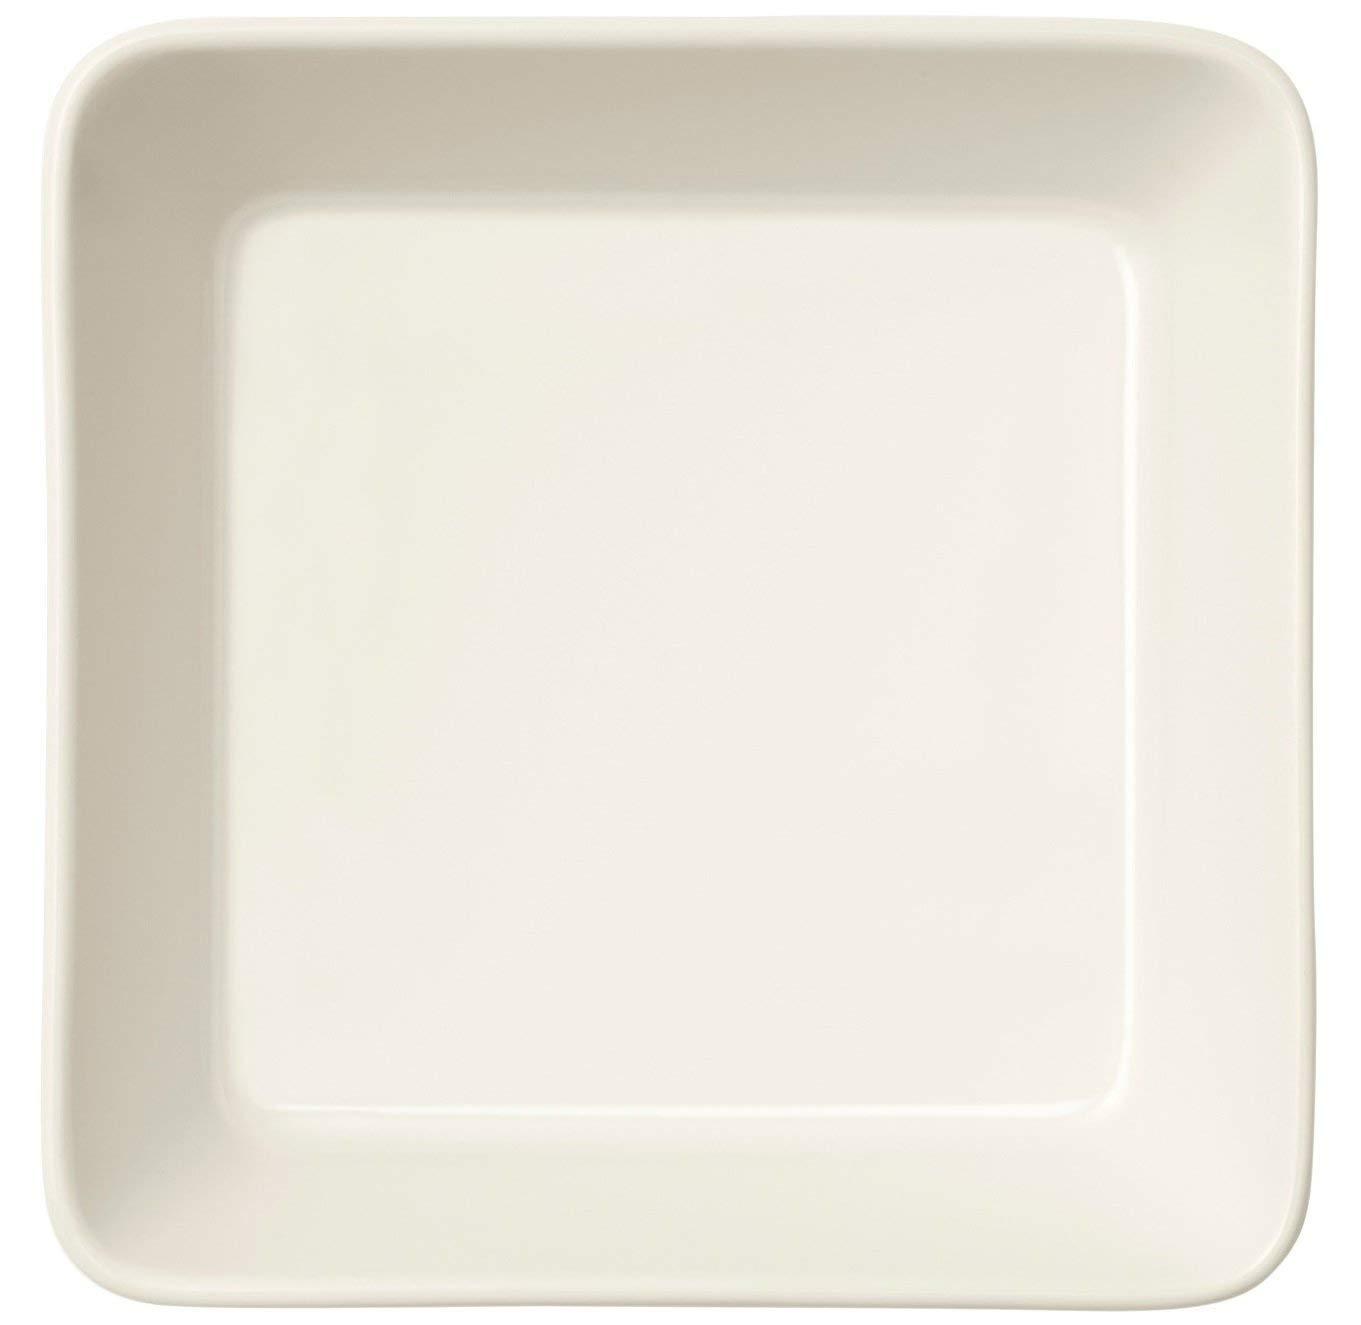 Iittala Teema - Schale - 12 x 12 cm - Weiß